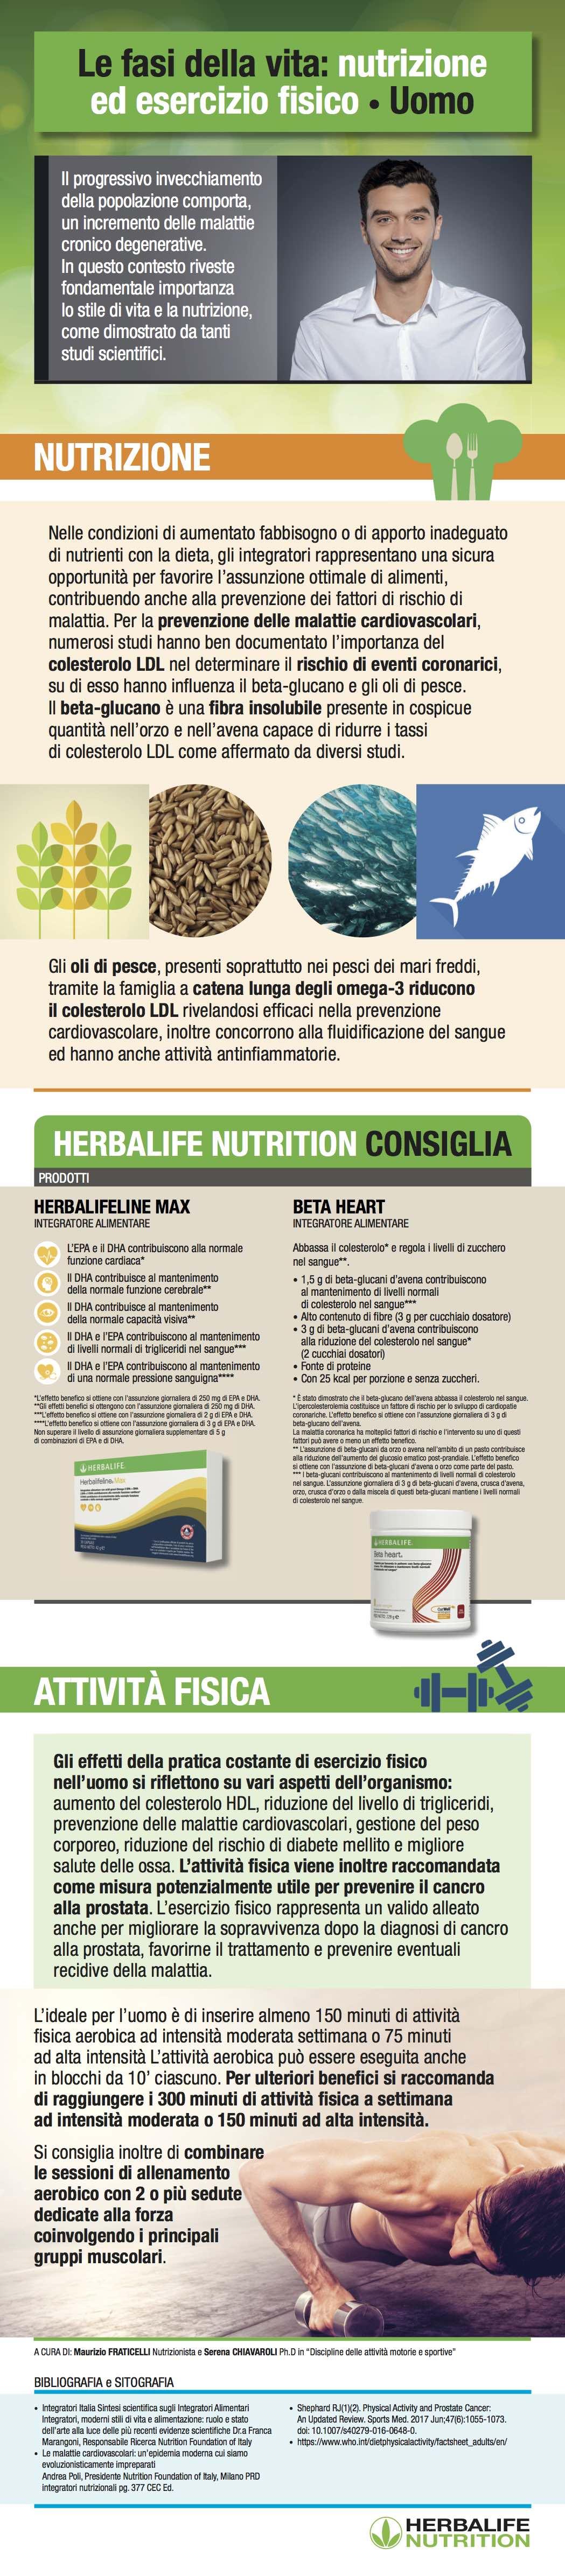 Benessere uomo ed i prodotti Herbalife